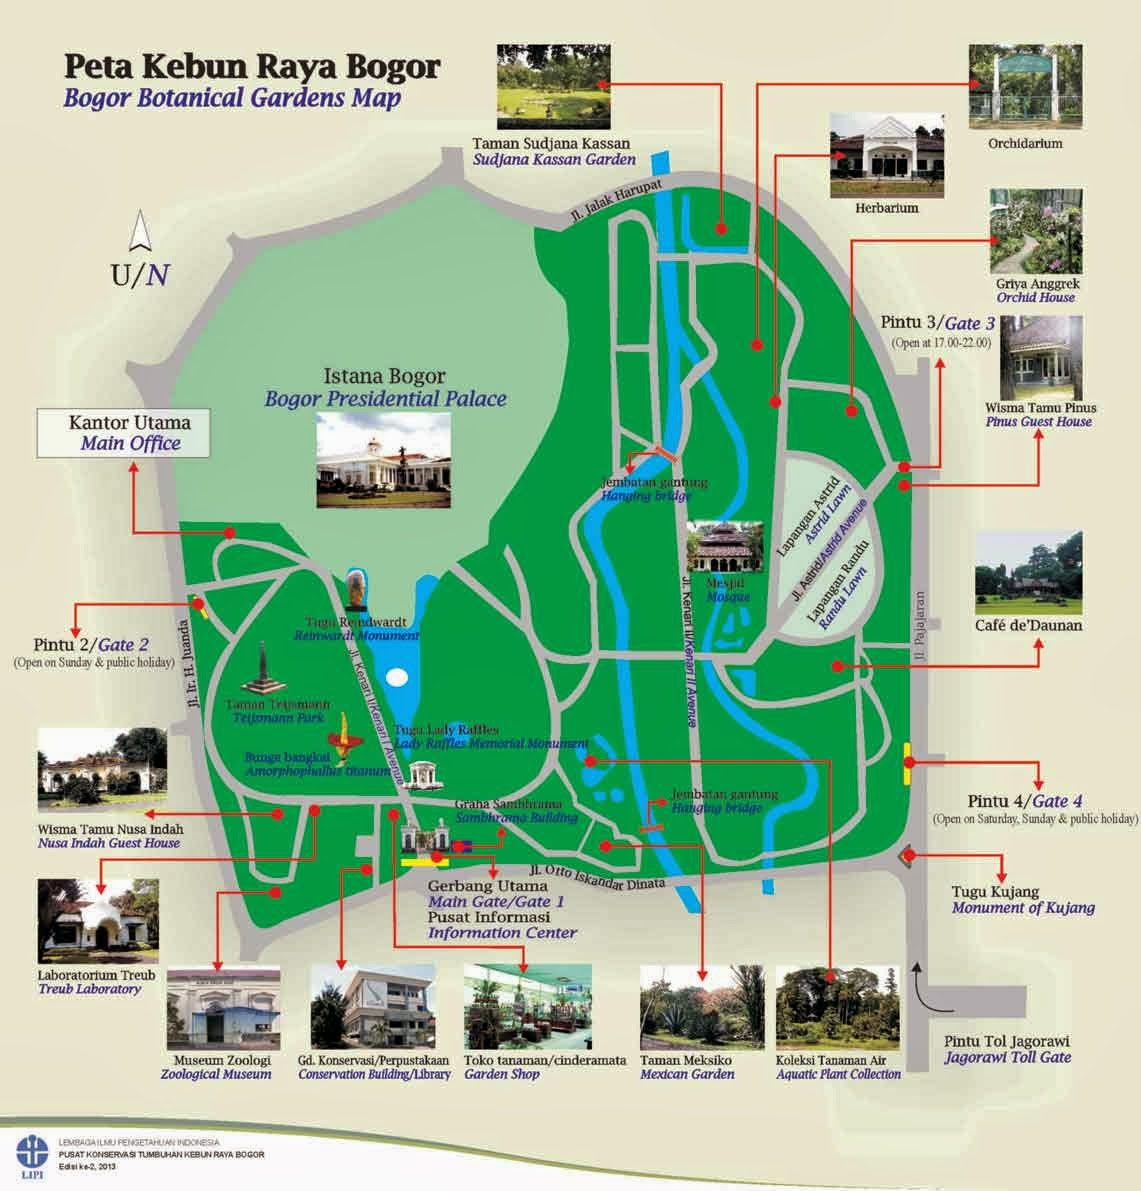 Halaman Bogor Peta Kebun Raya Botanical Garden Map Kab